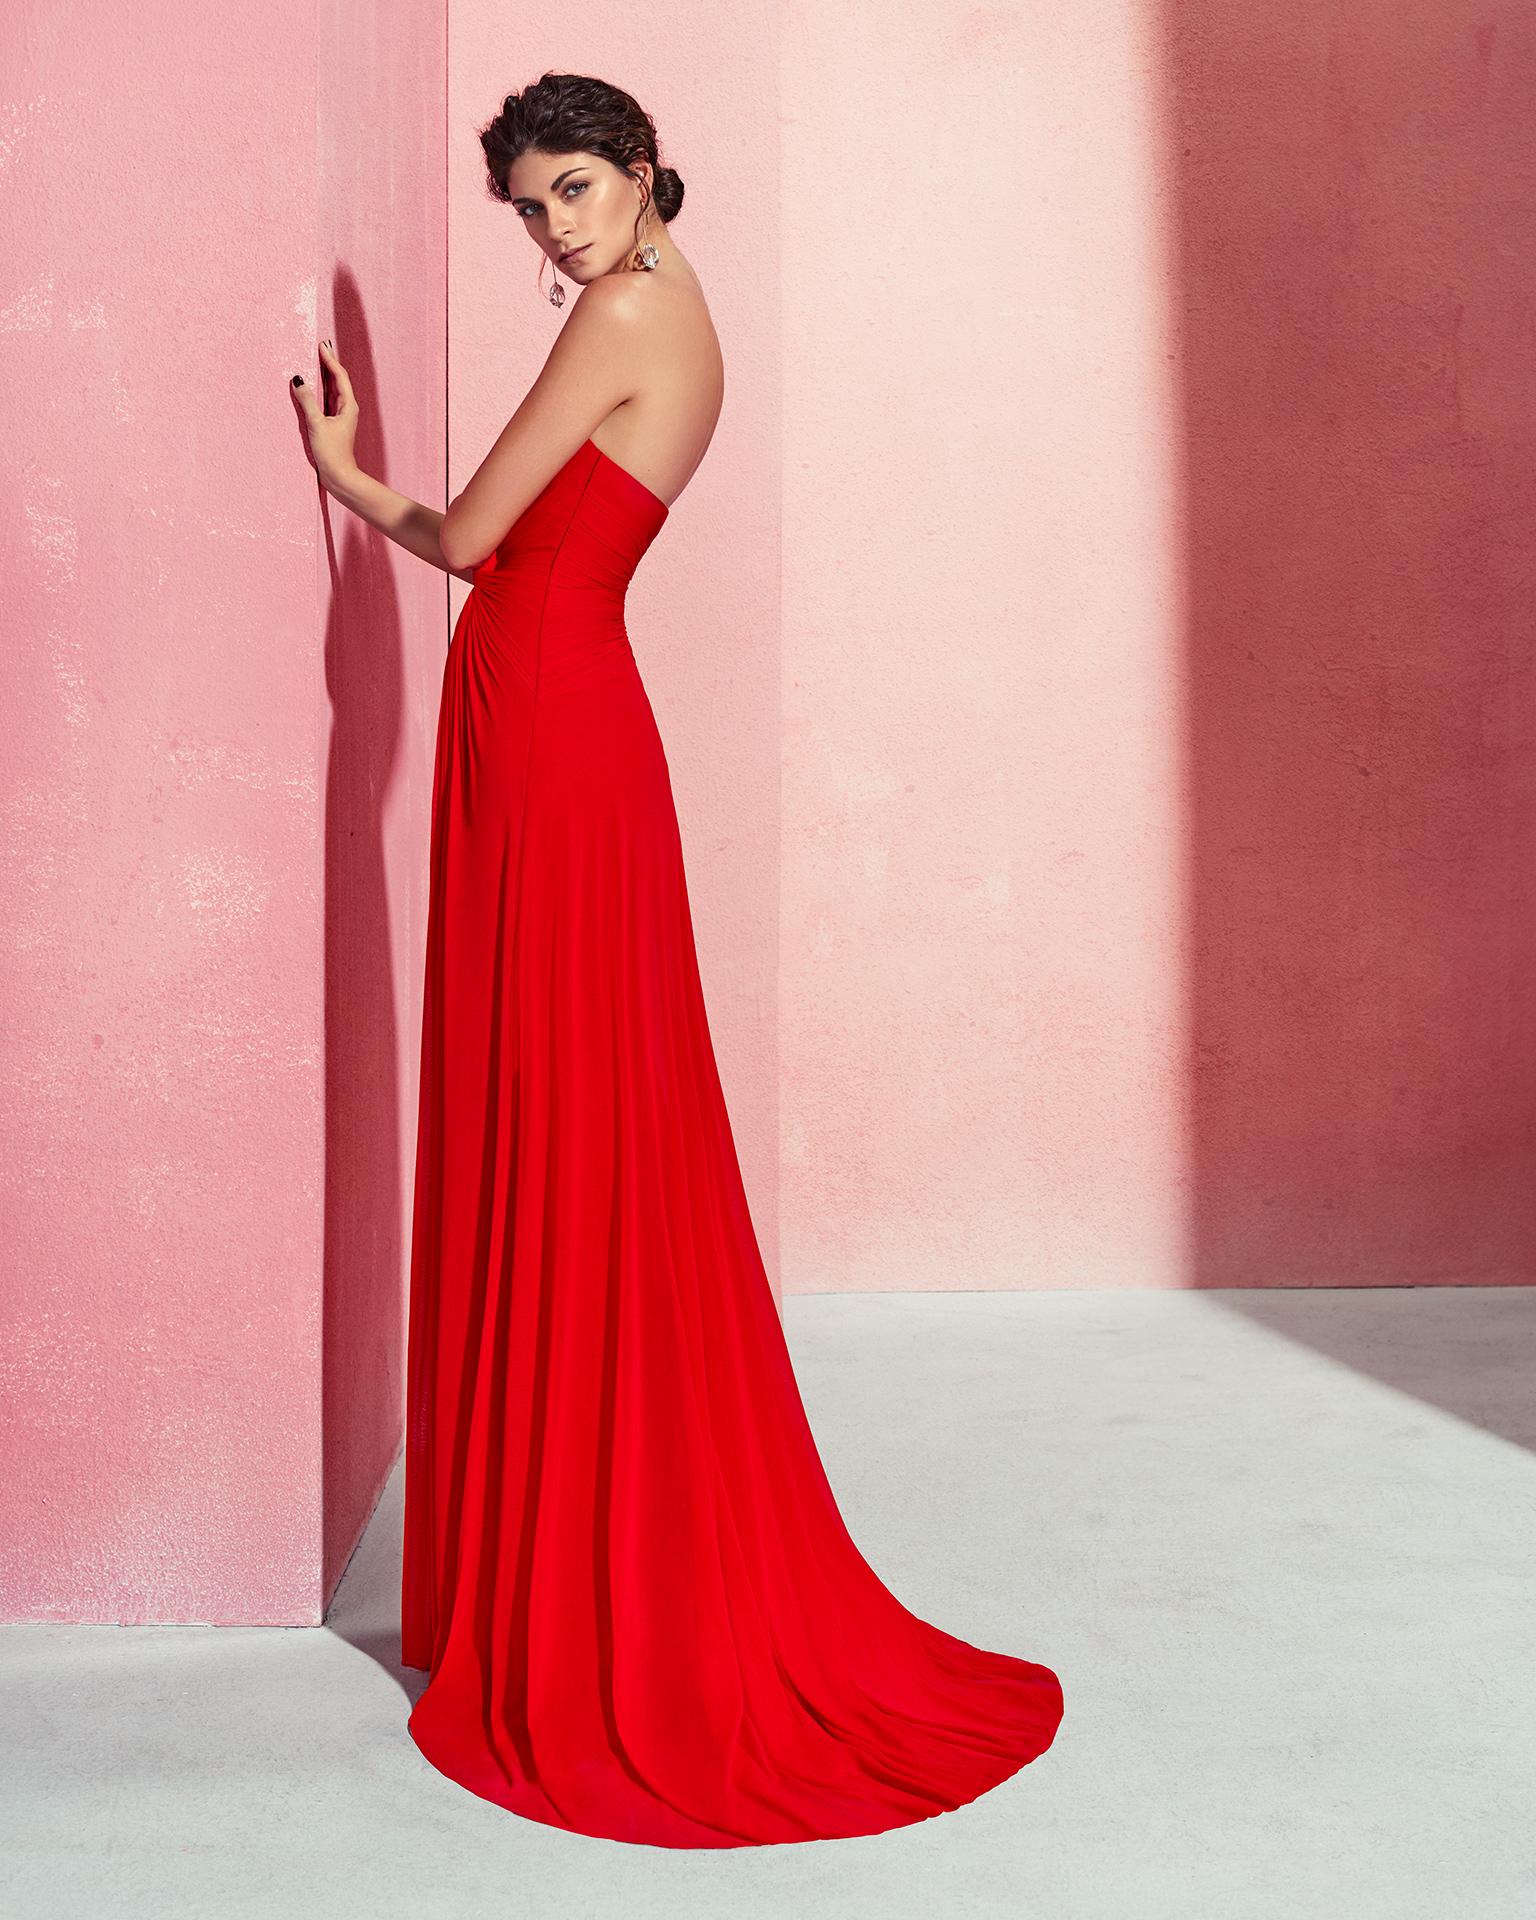 Moderno Girar Y Envolver Vestidos De Dama Imagen - Ideas de Vestido ...